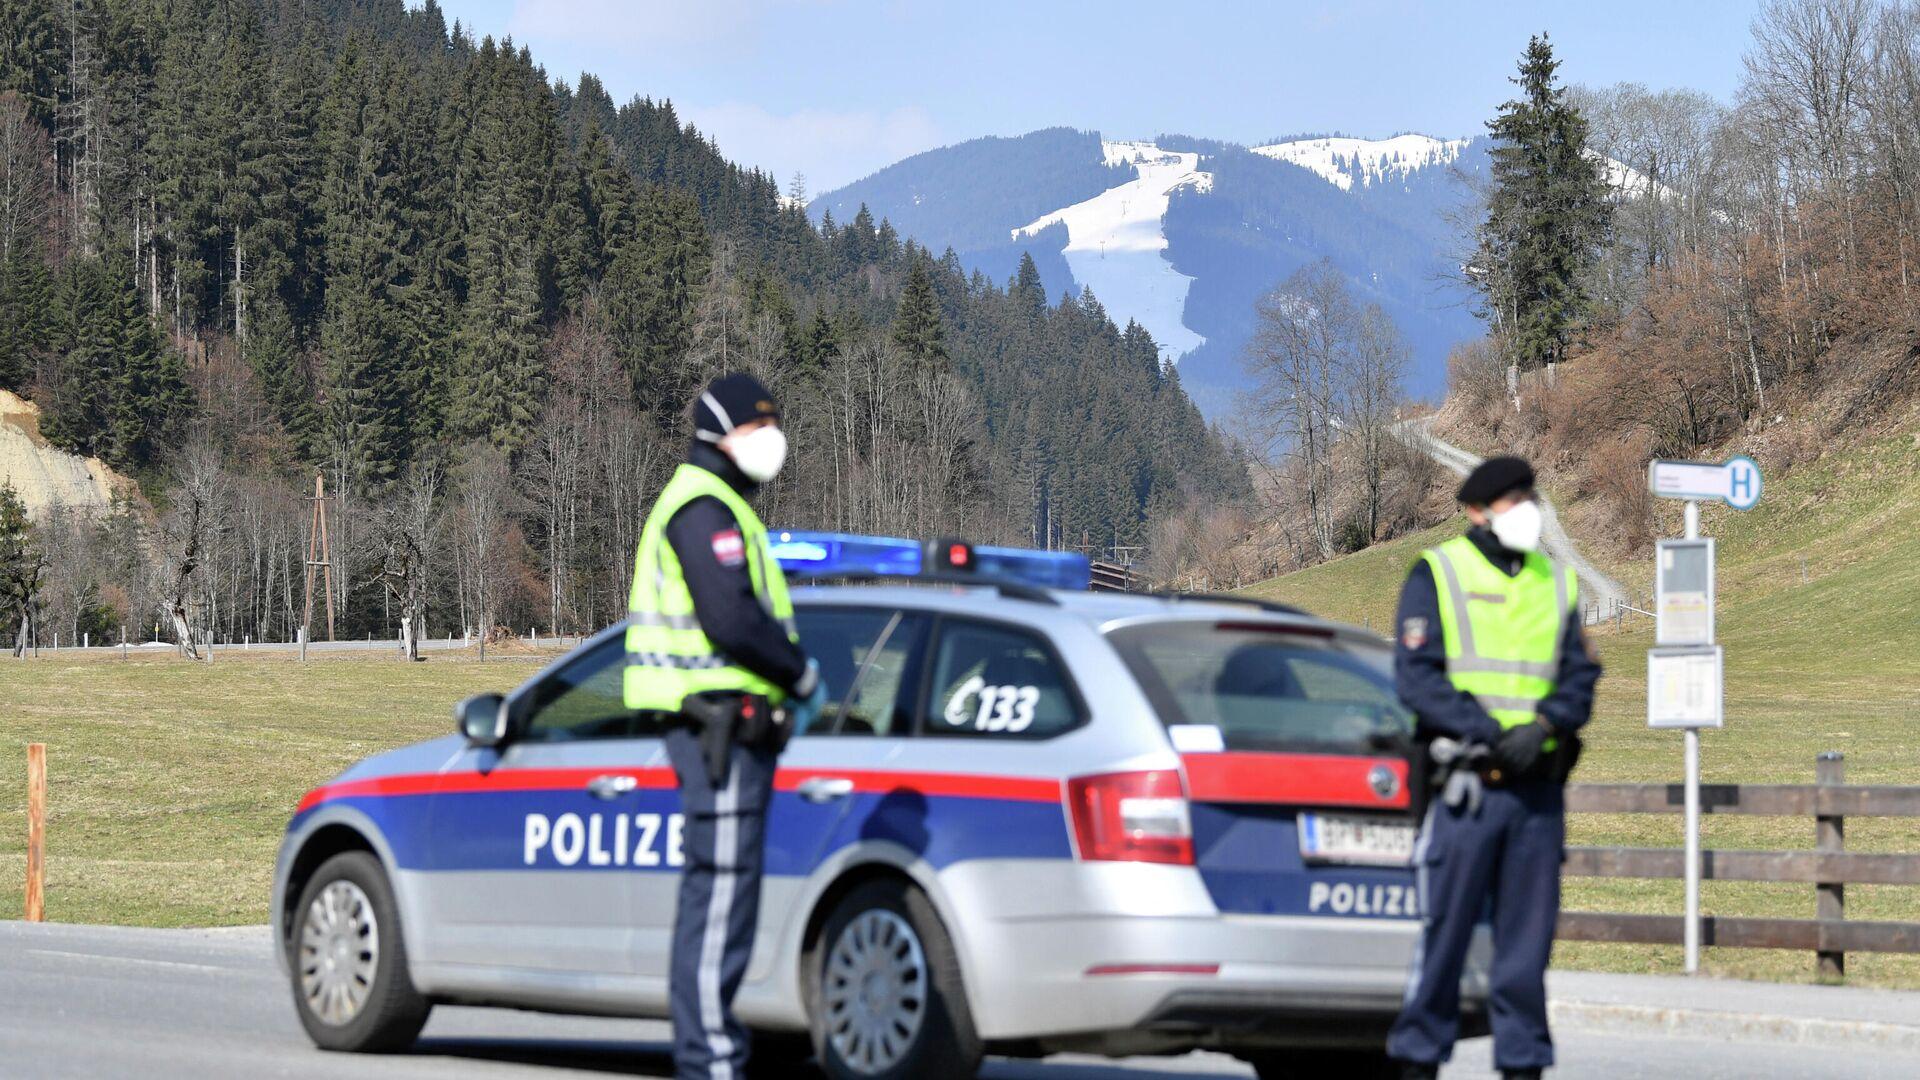 Австрийские полицейские в провинции Зальцбург - РИА Новости, 1920, 30.01.2021